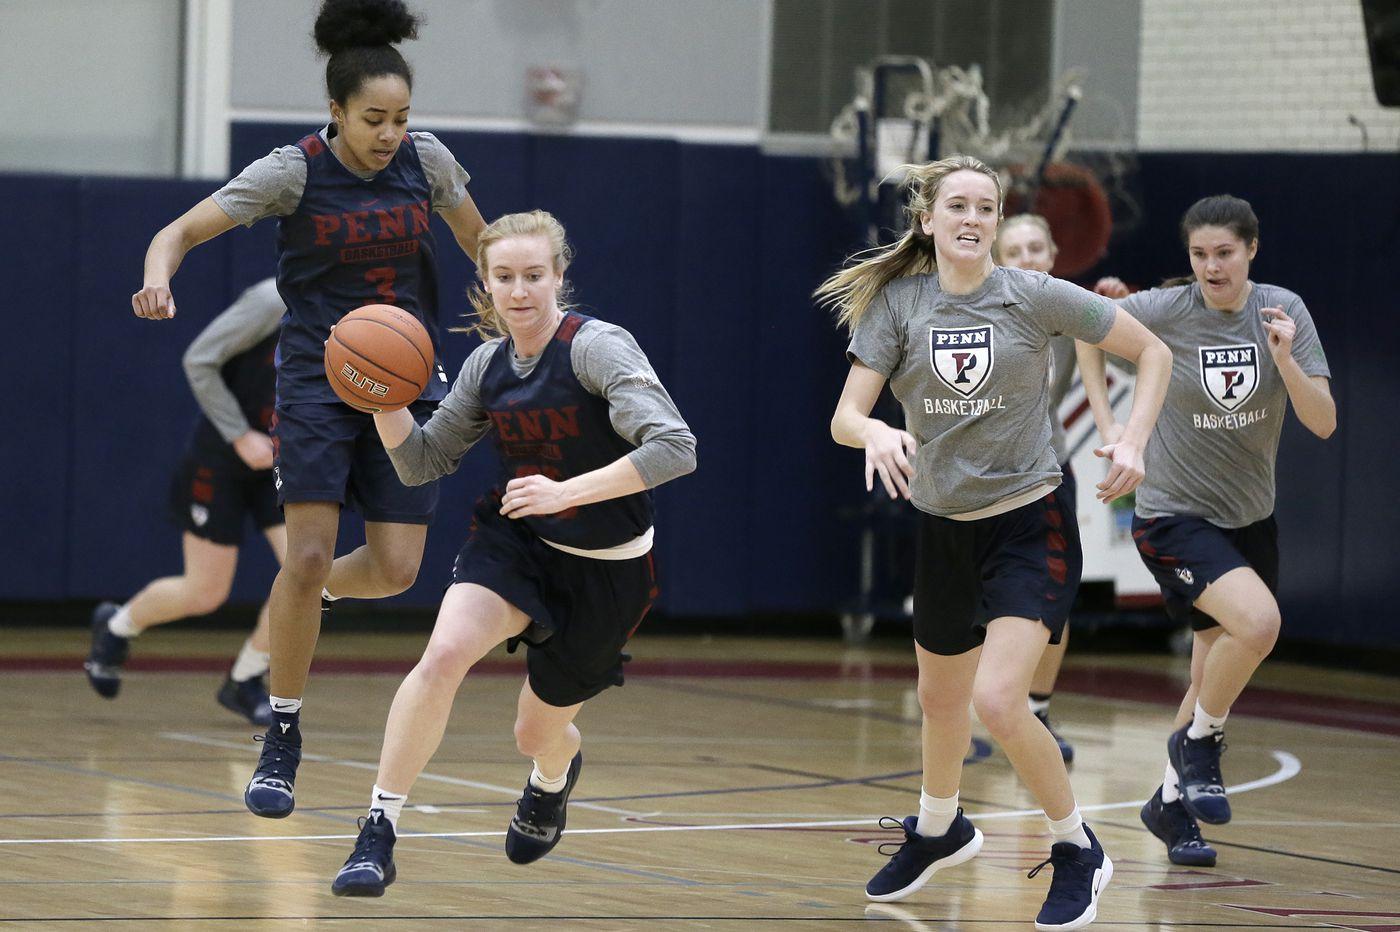 Villanova, Penn, Drexel women's basketball ready for their own postseasons in WNIT